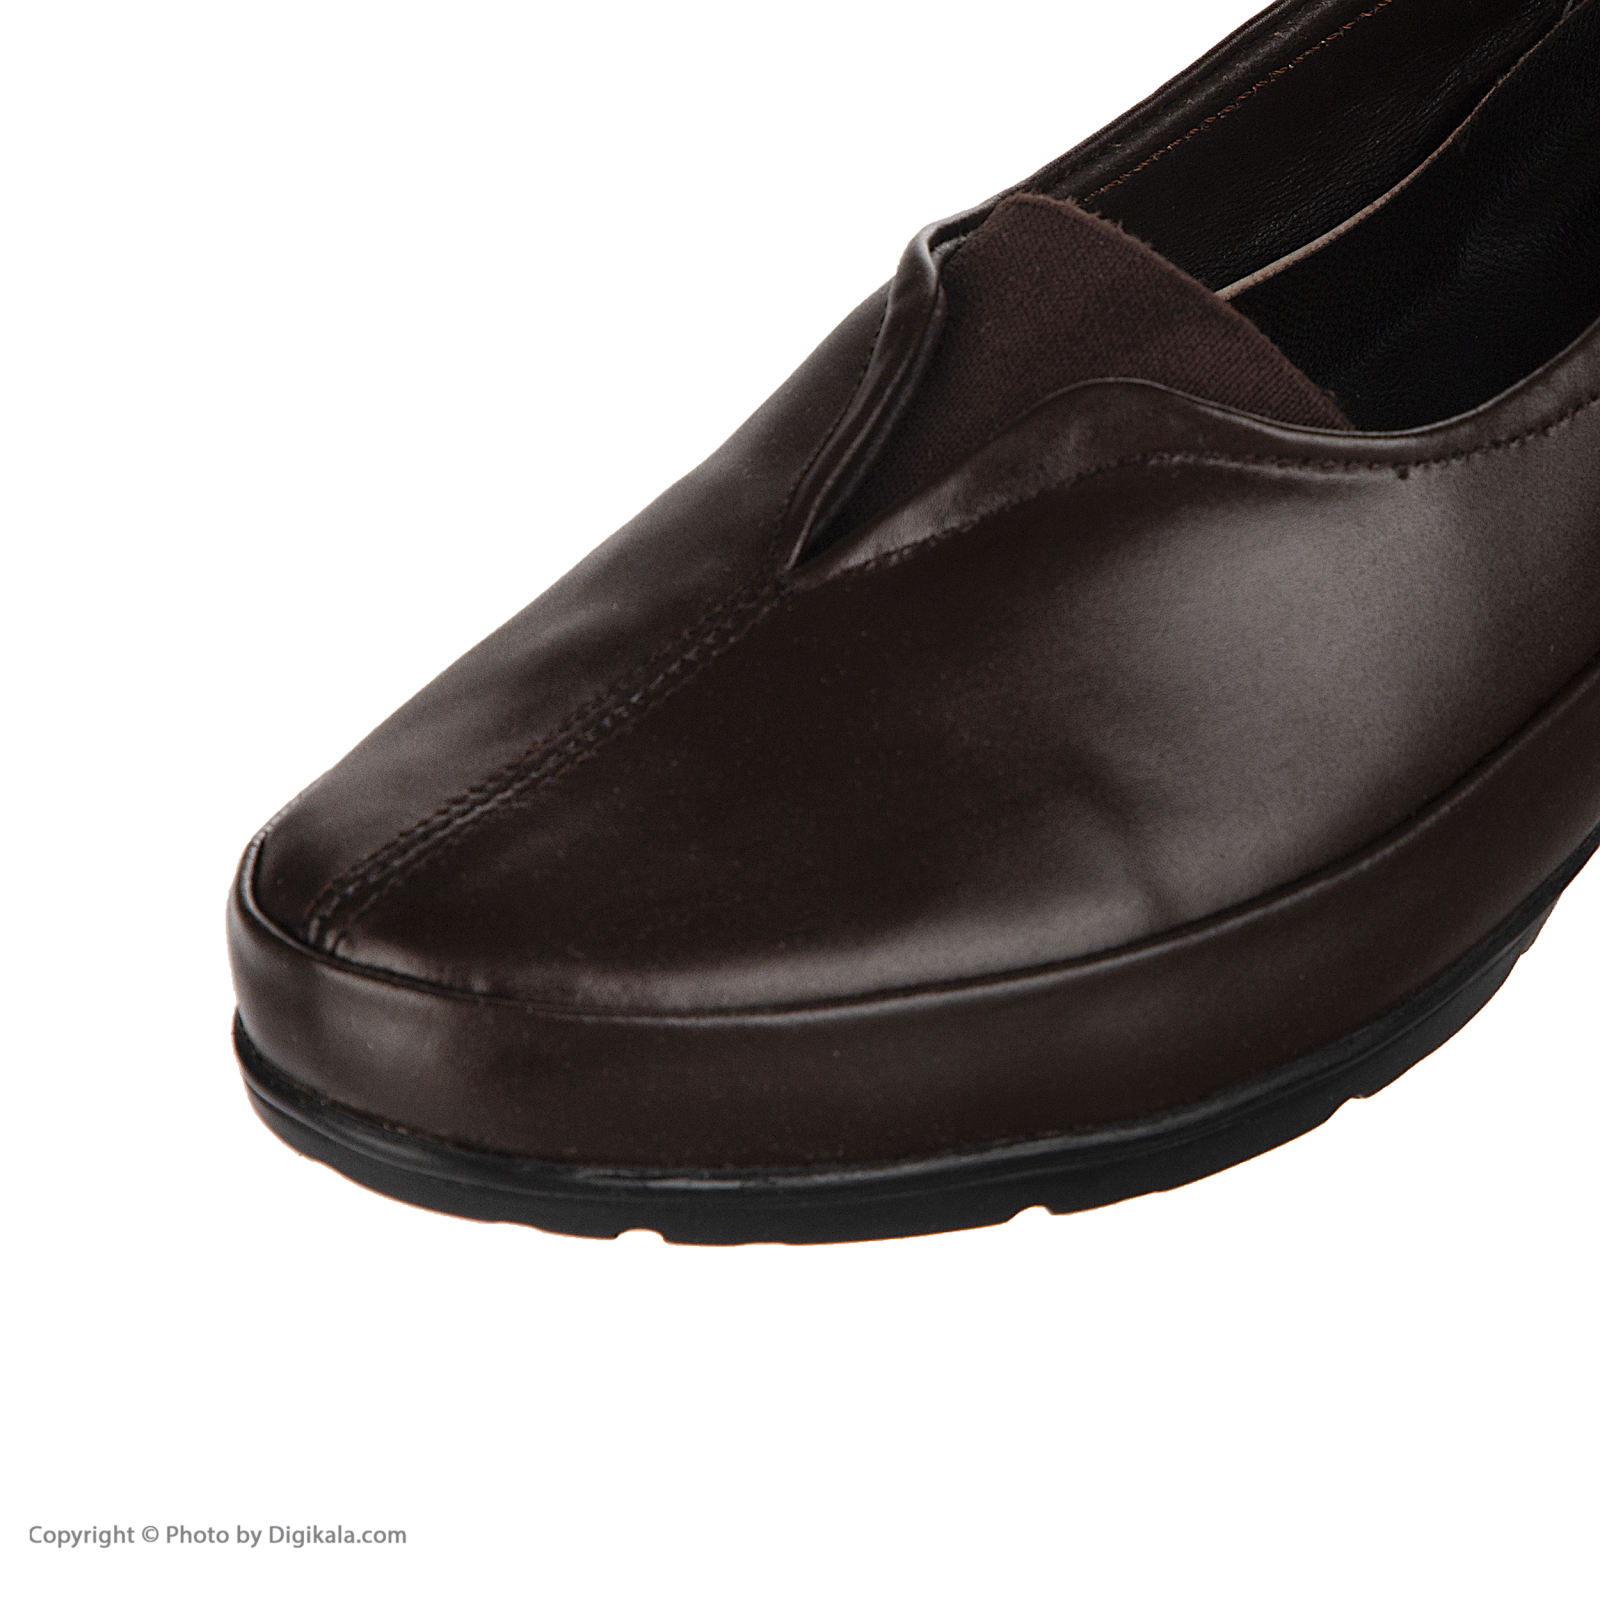 کفش روزمره زنانه سوته مدل 3026C500104 -  - 8